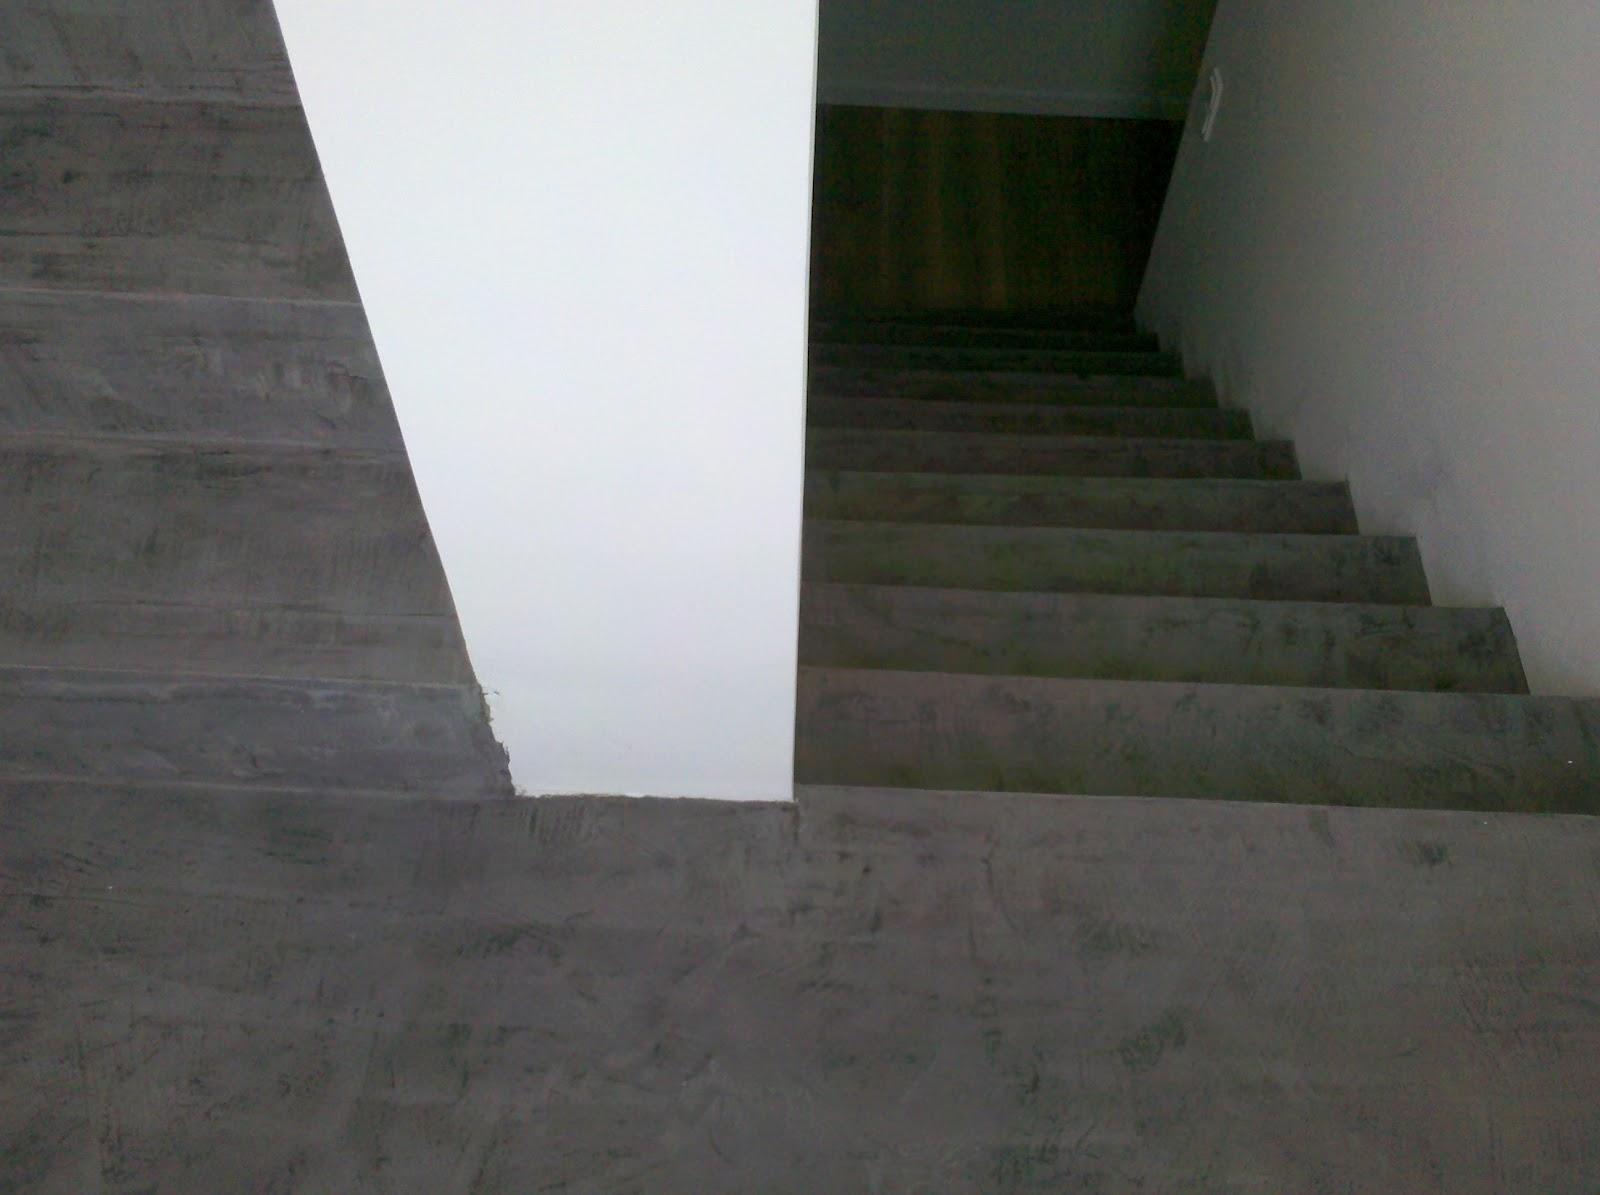 Wand wohndesign beton cire m rz 2012 for Wohndesign 2012